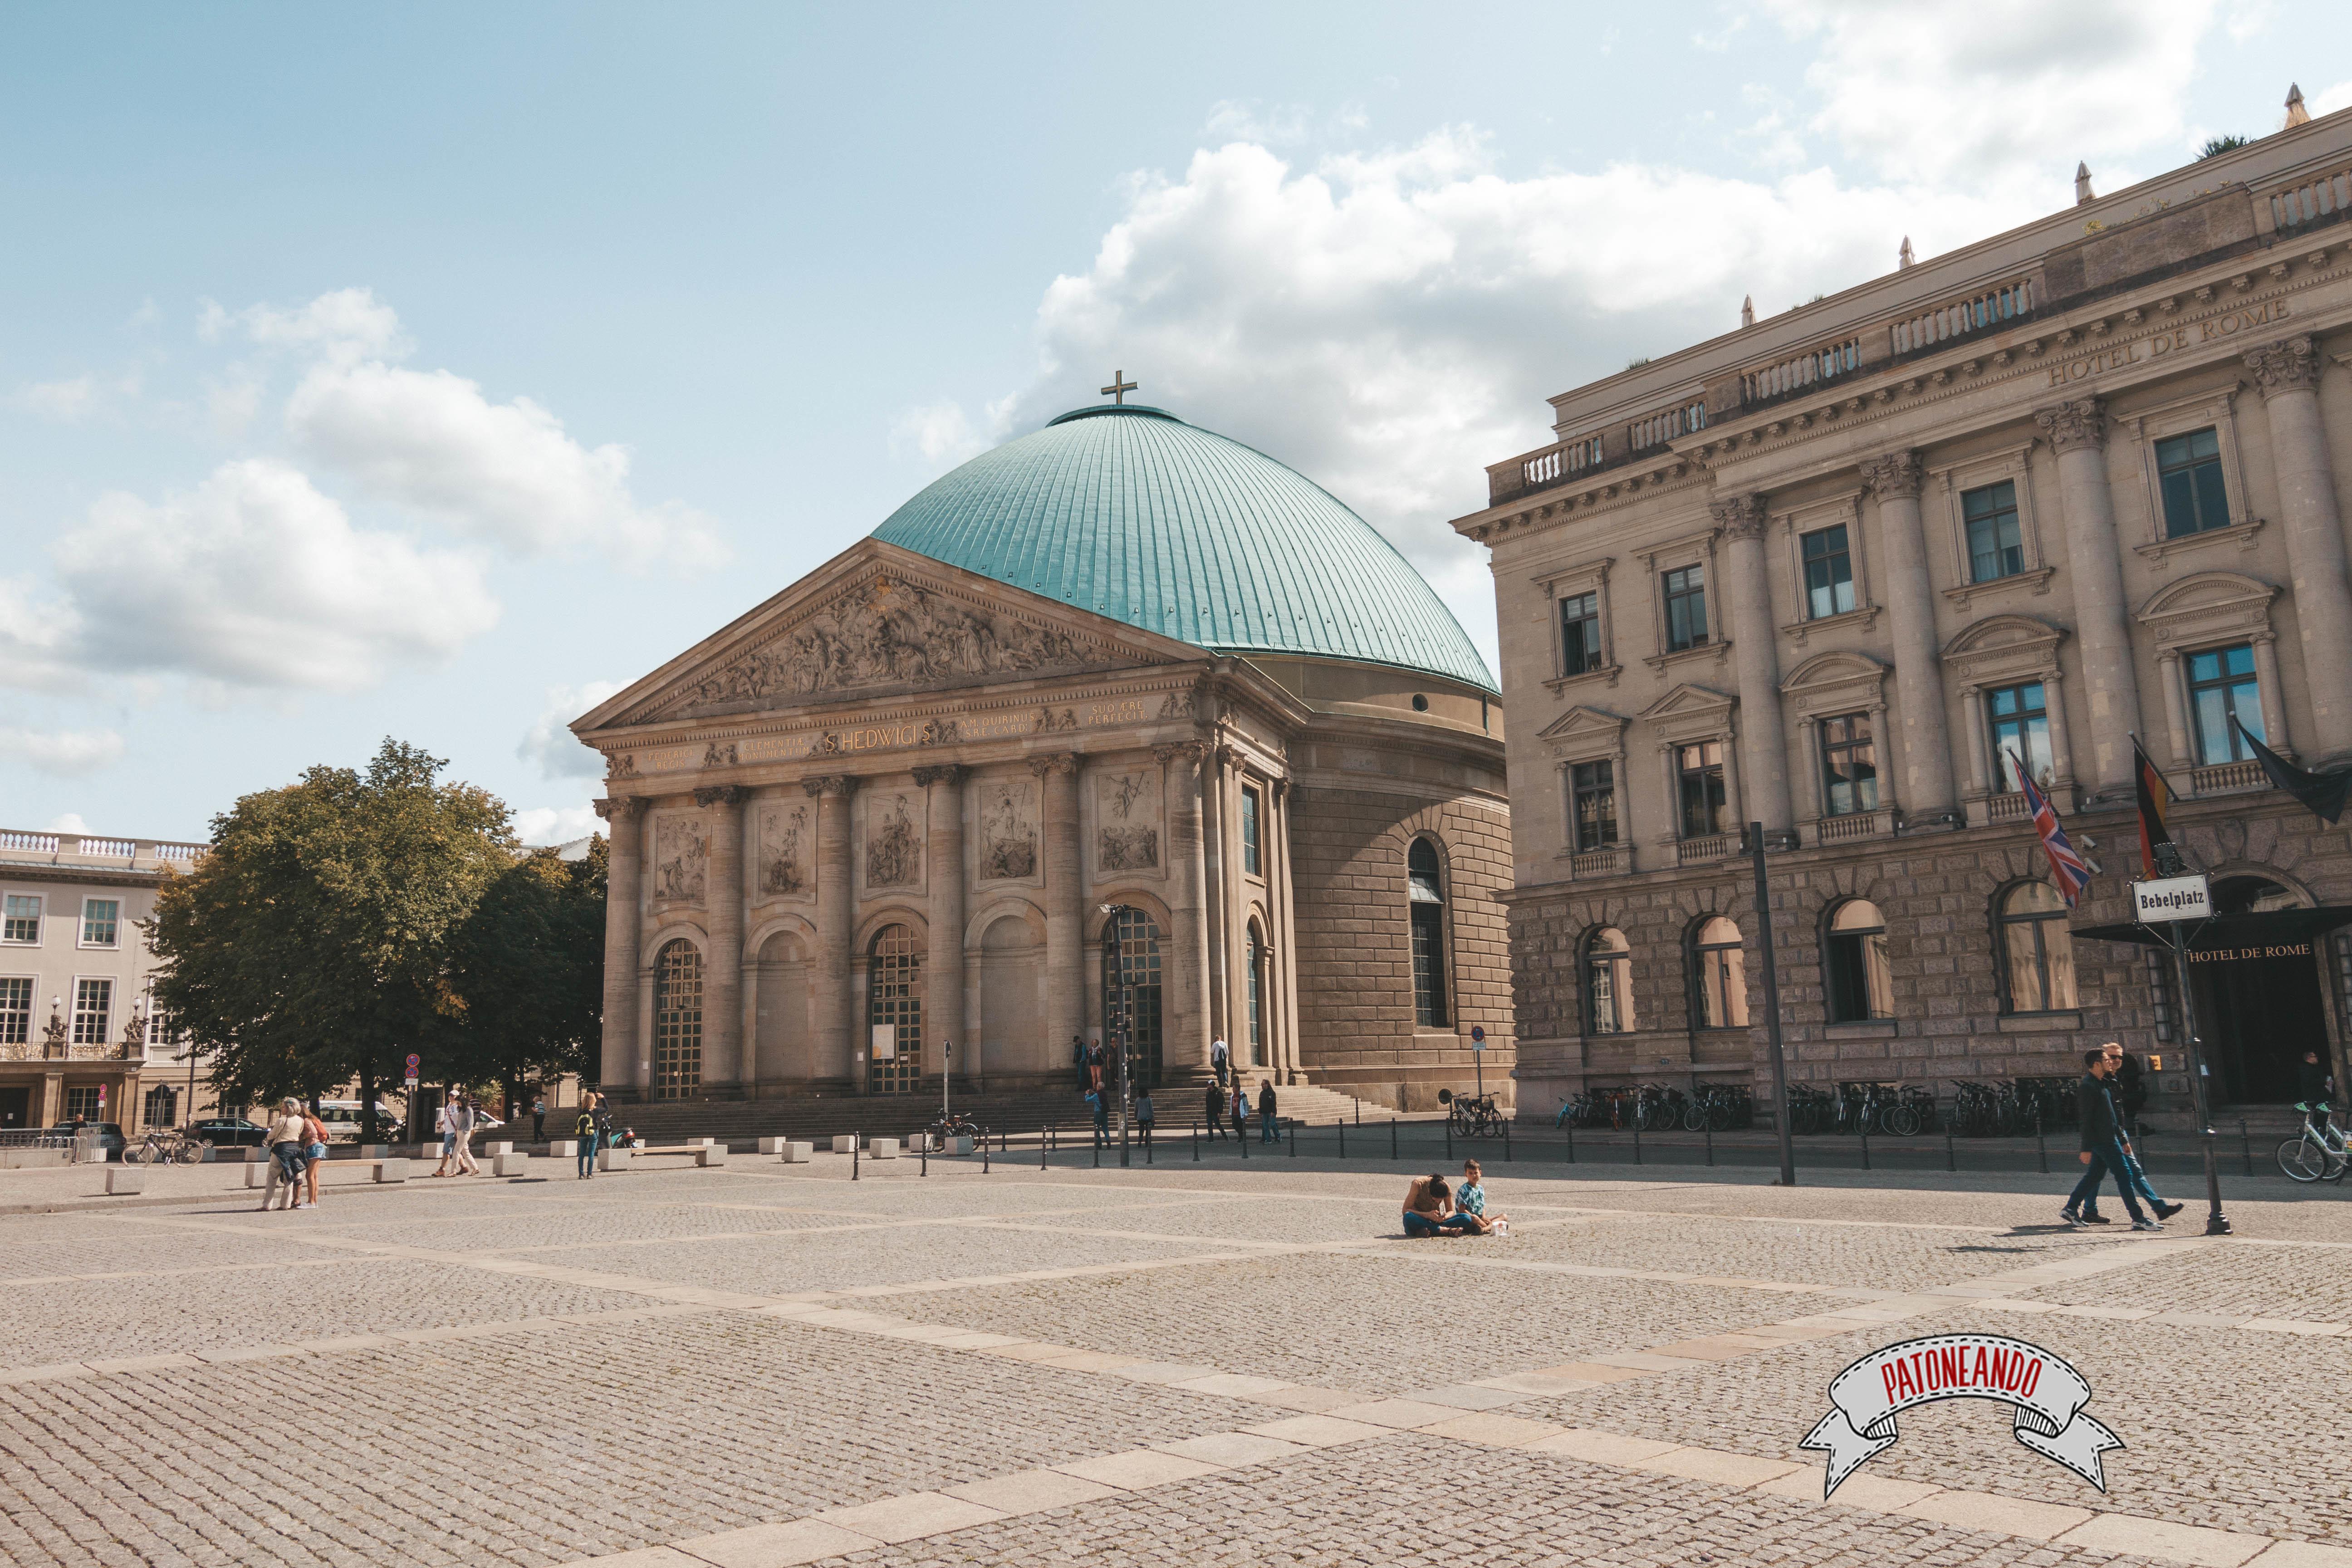 que ver y que hacer en Berlín -Bebel platz - Patoneando blog de viajes (6)